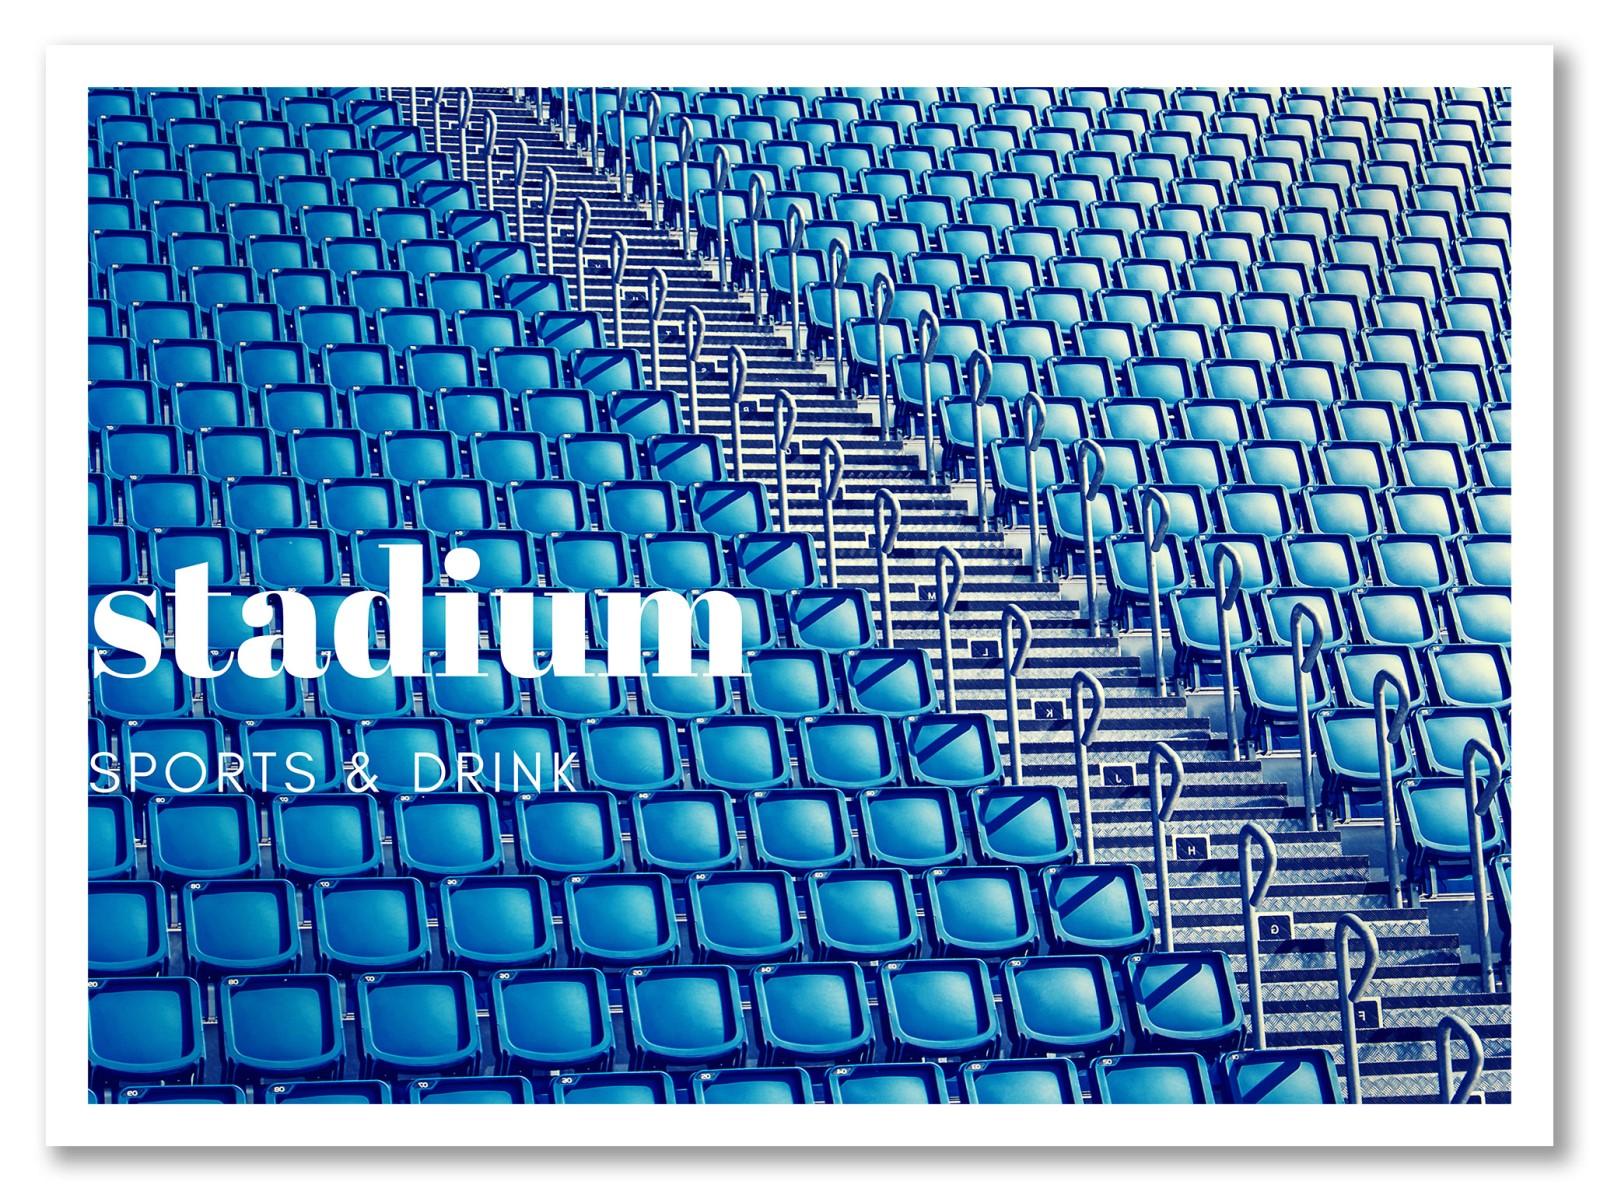 Architecture - Stadium